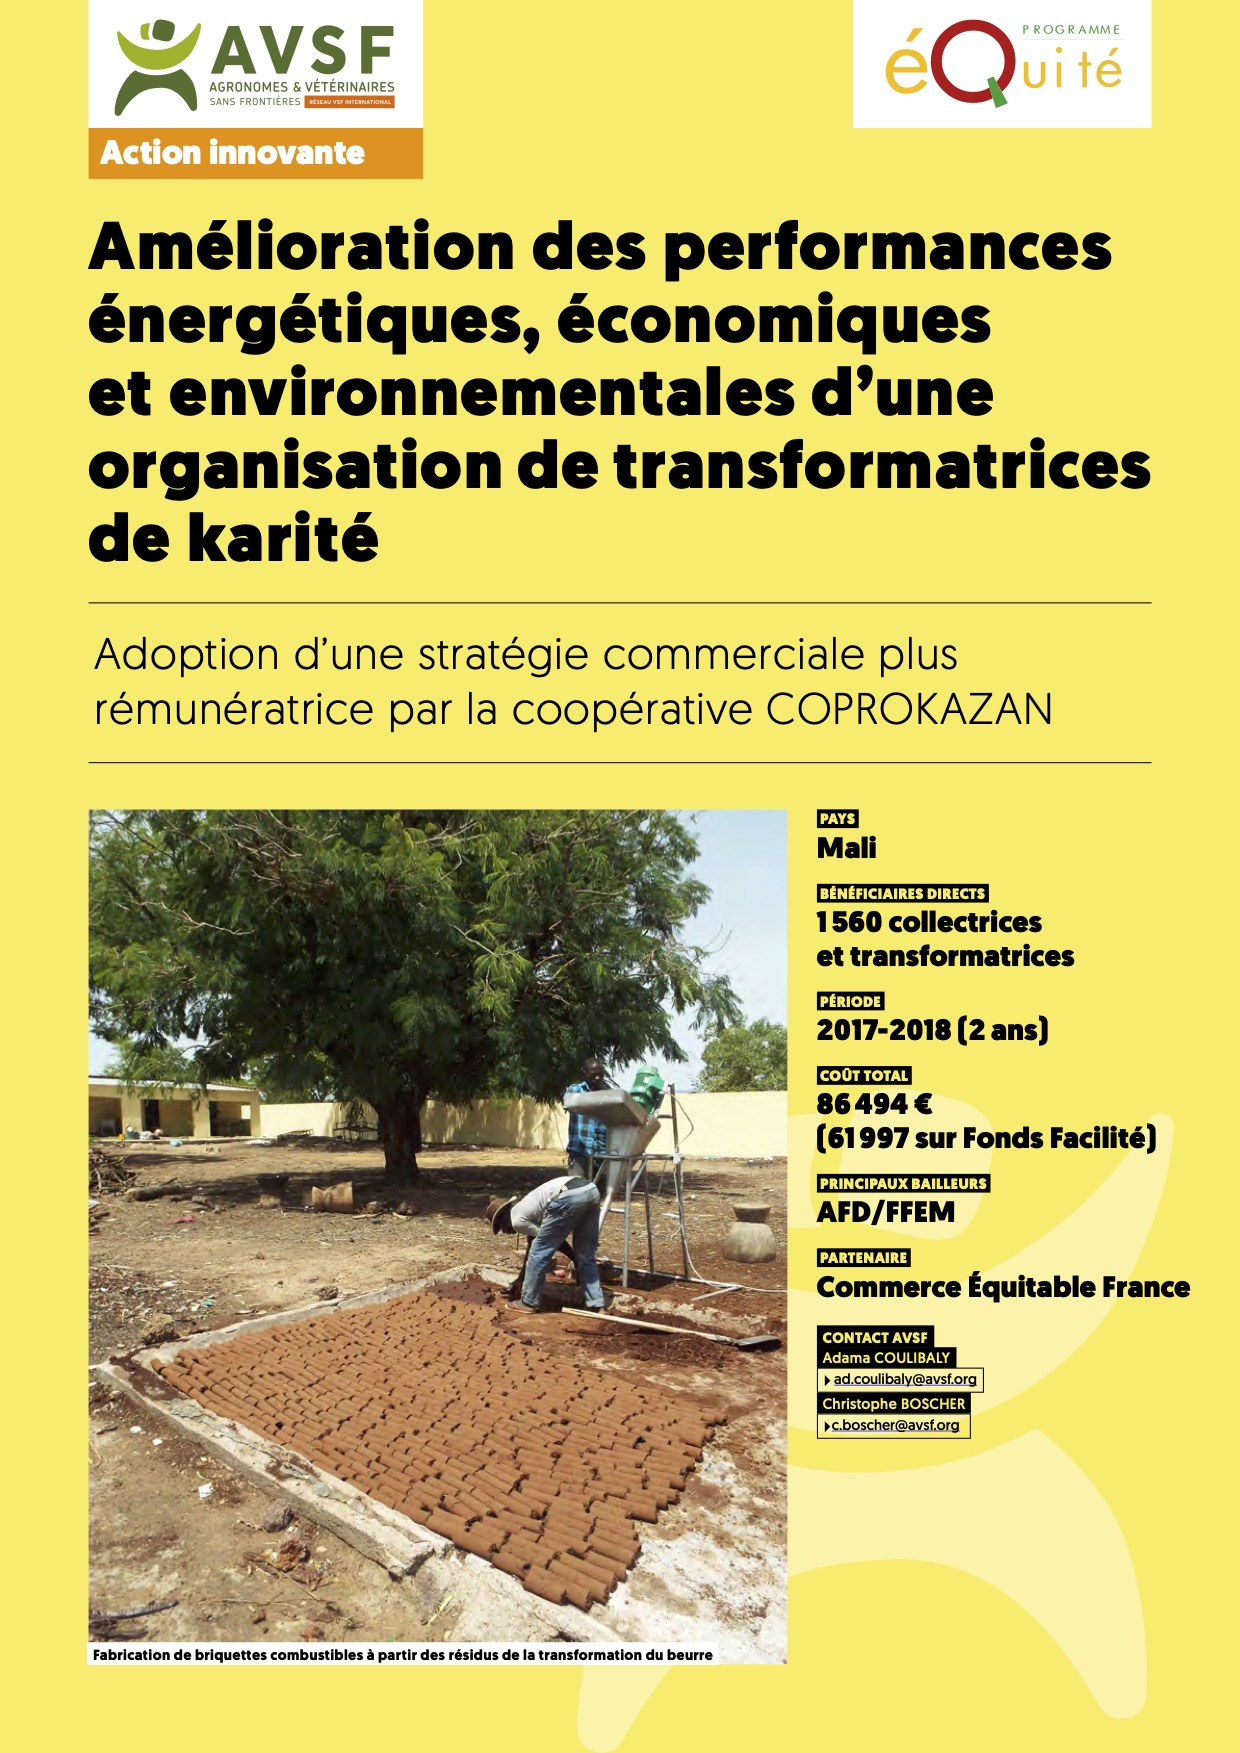 Les actions innovantes : Commerce équitable et production paysanne féminine de karité au Mali  Image principale